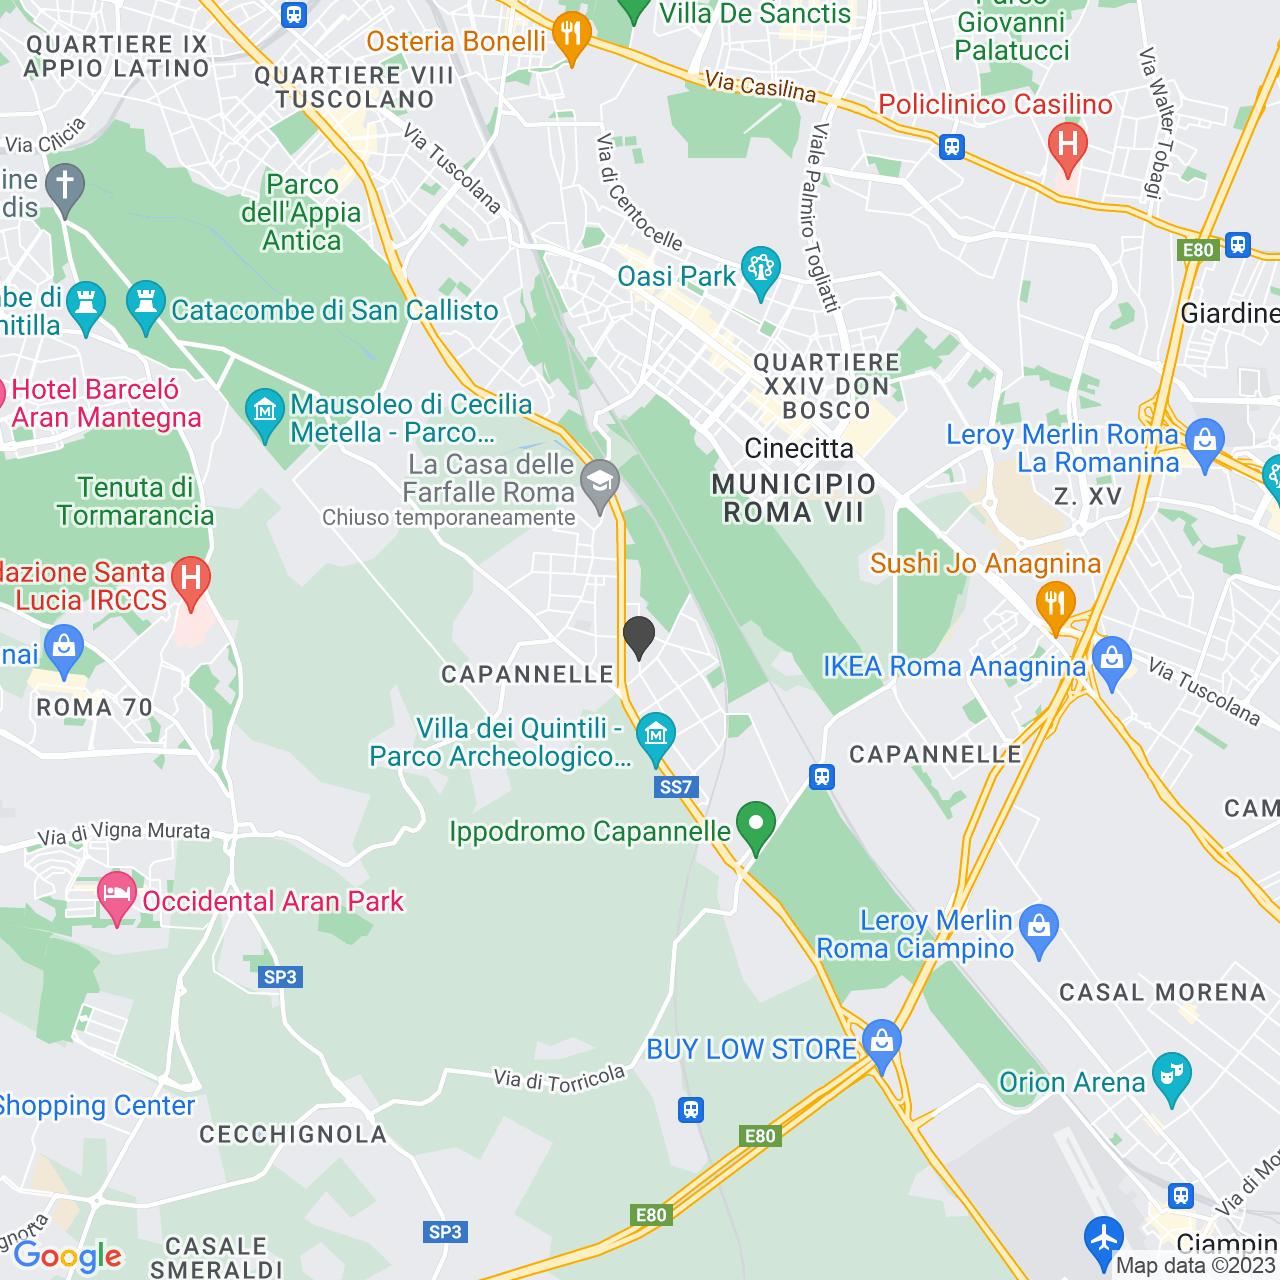 COMUNITA' CAPODARCO DI ROMA-ONLUS